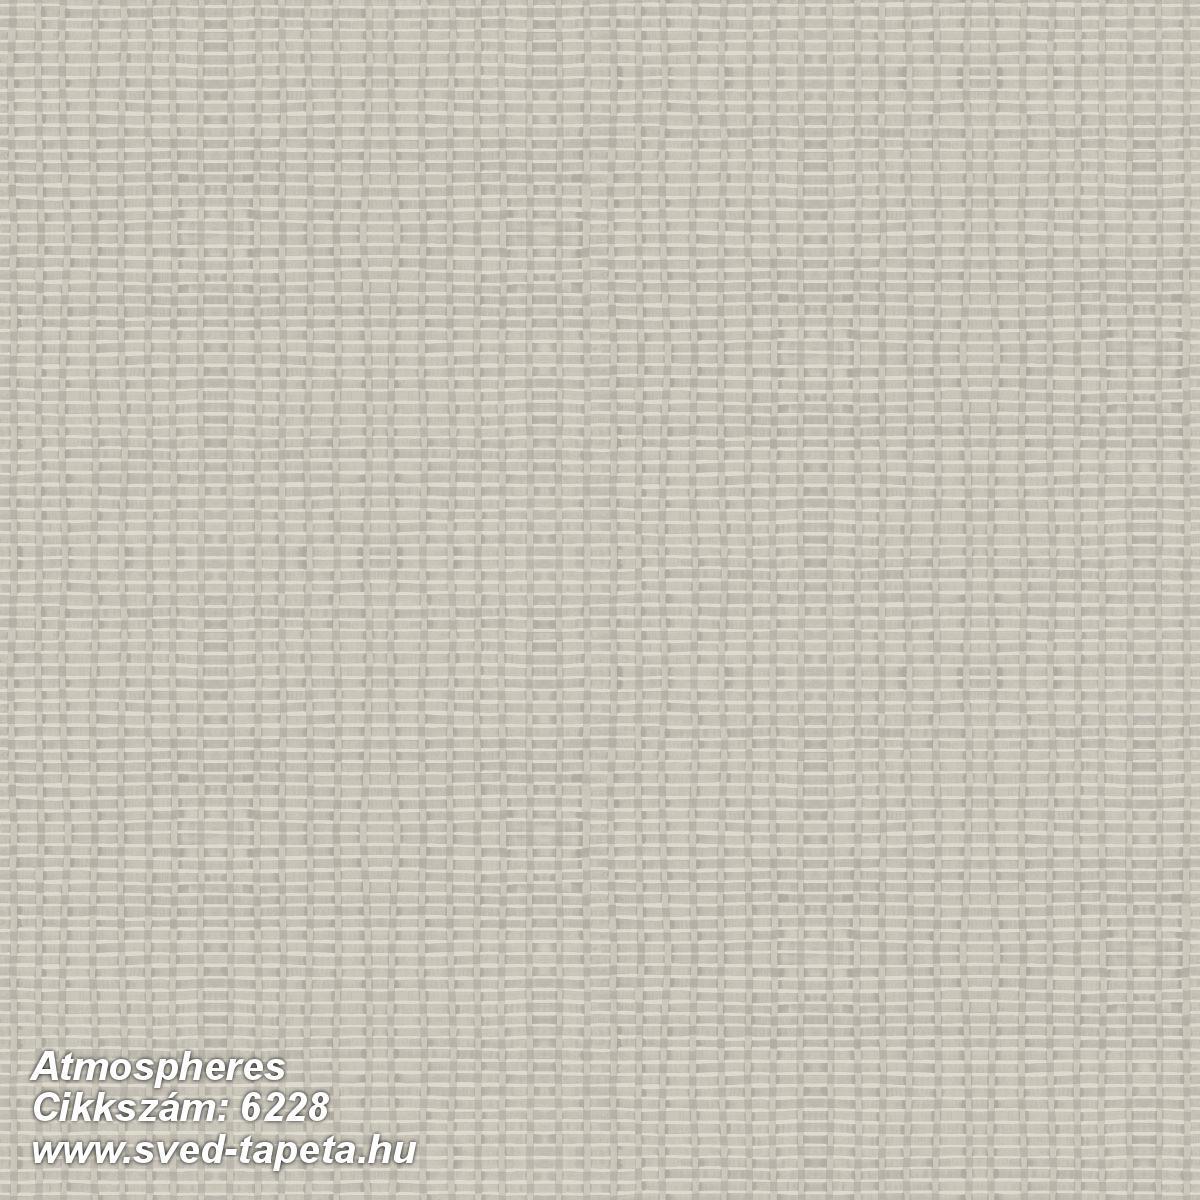 Atmospheres 6228 cikkszámú svéd ECOgyártmányú designtapéta